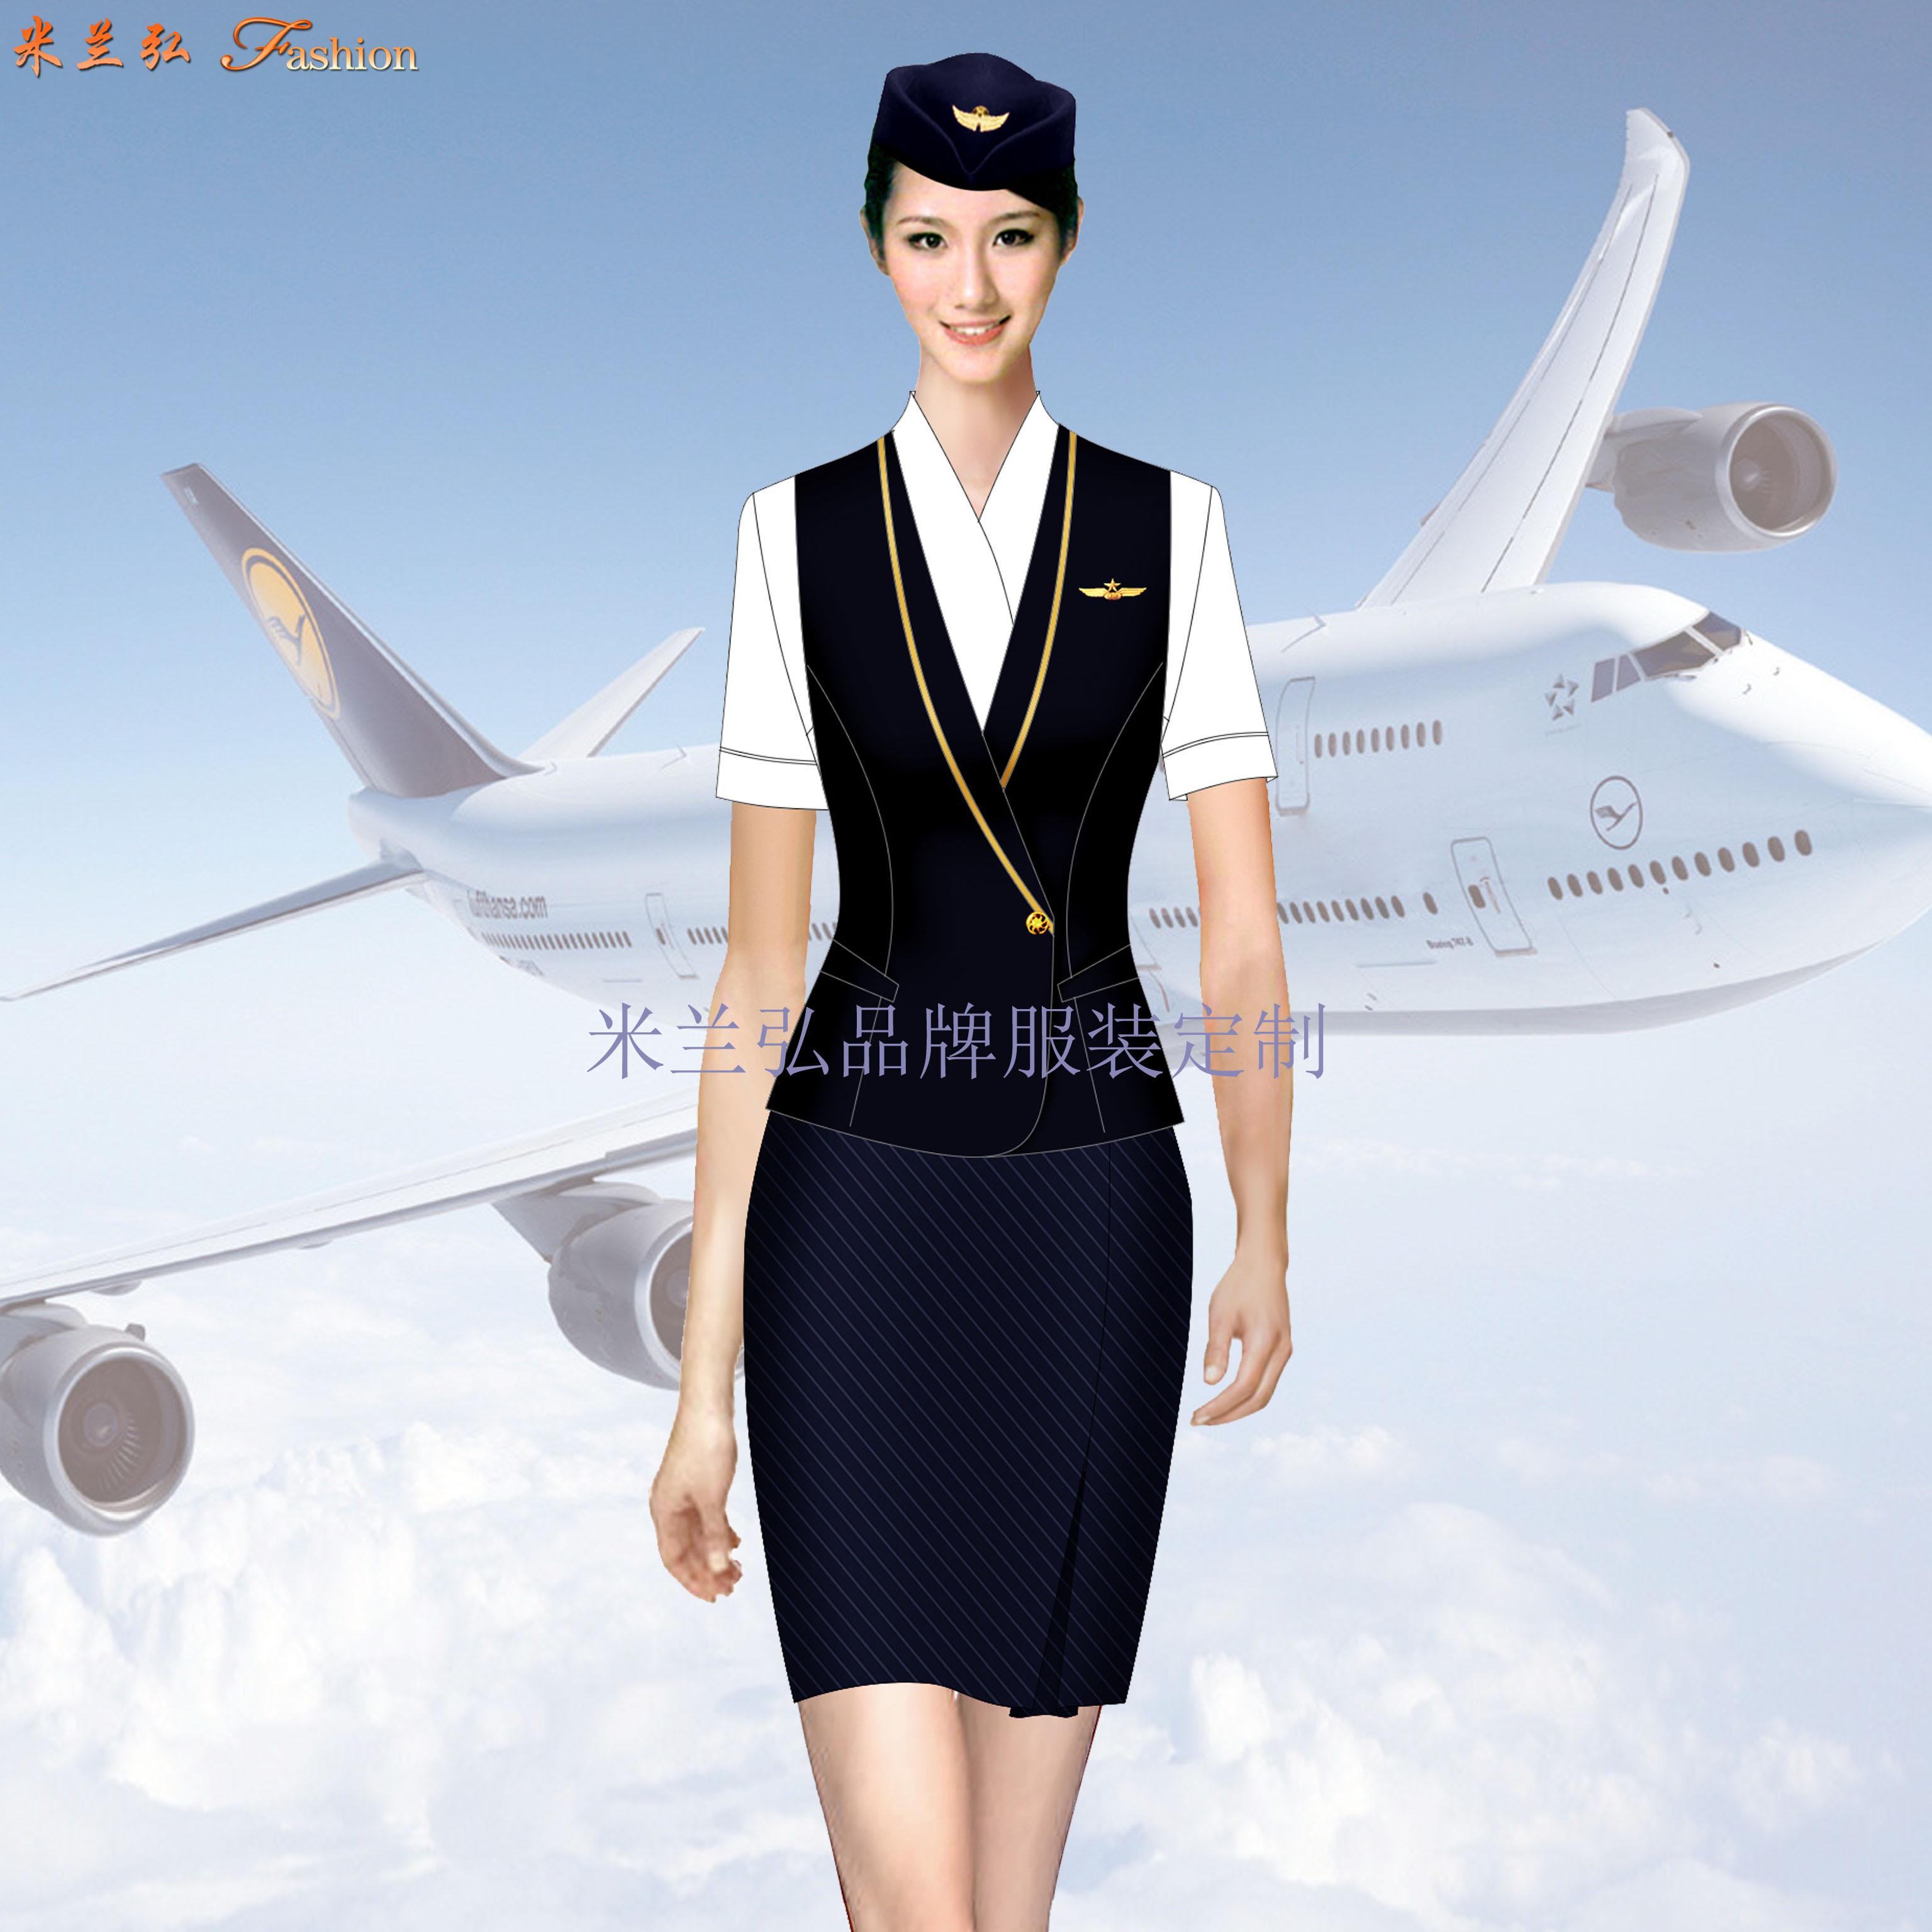 「女裝空姐服定做」定做空姐服廠家-米蘭弘品牌服裝-2